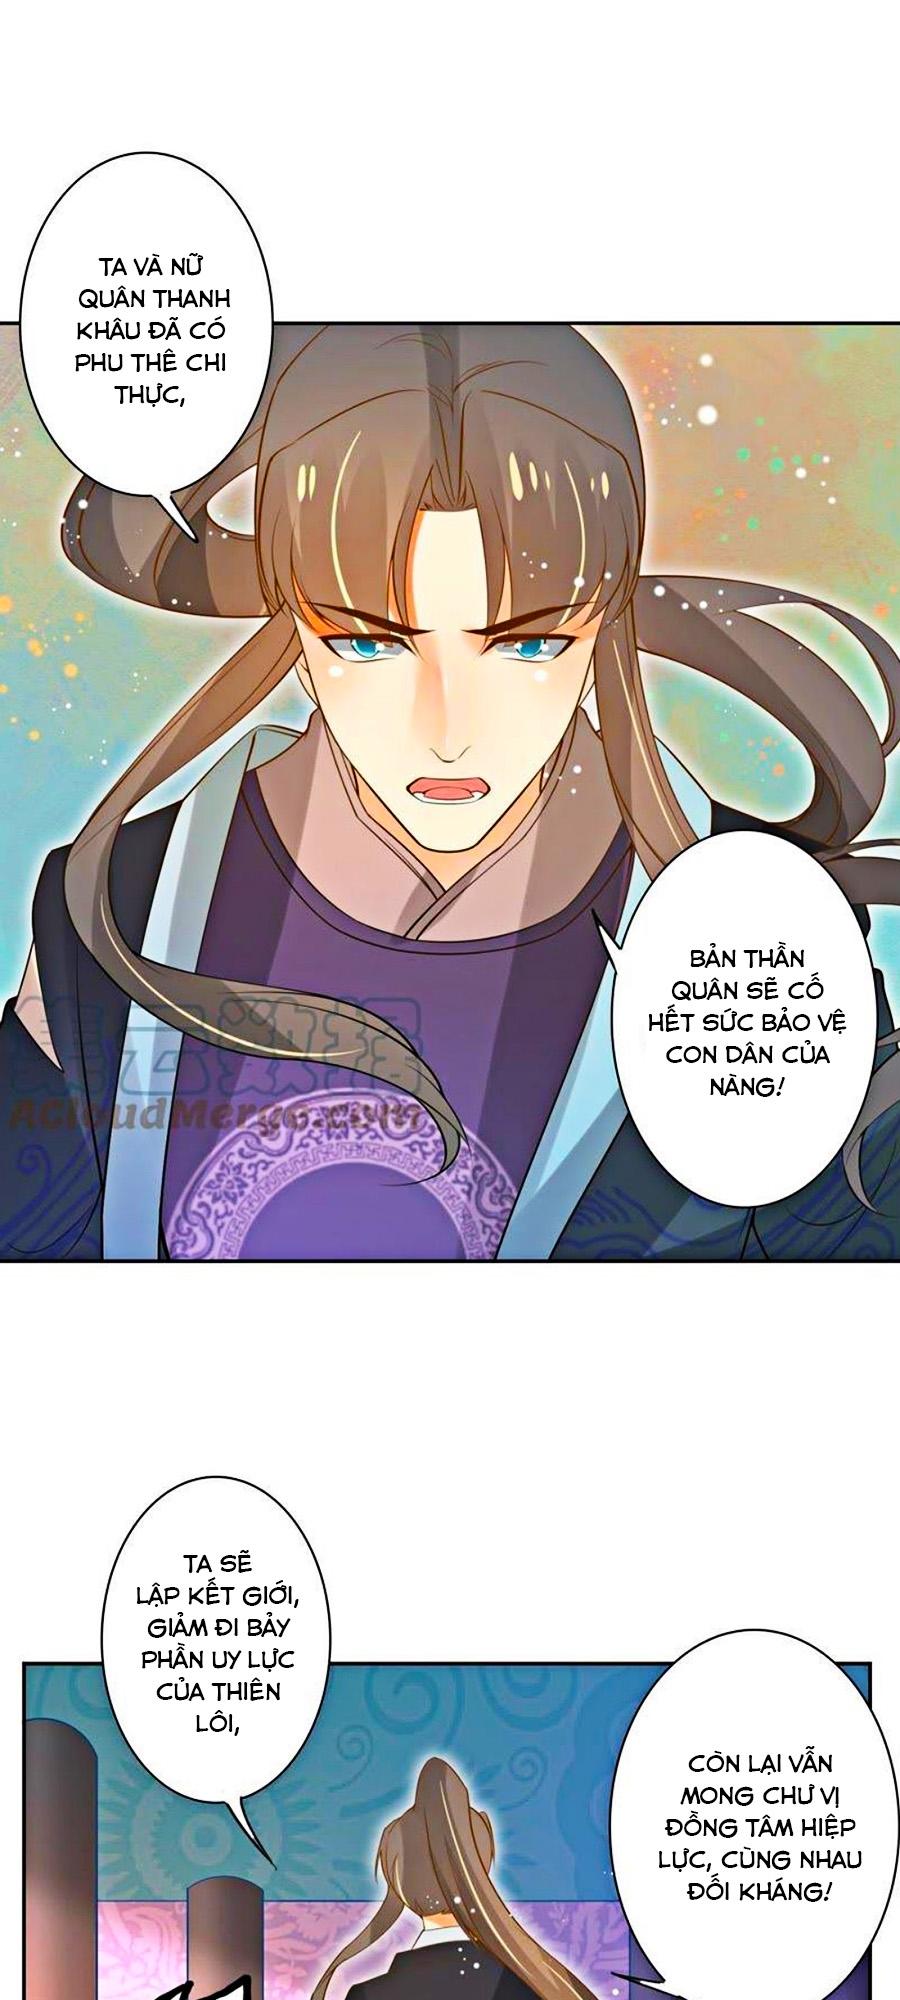 Thanh Khâu Nữ Đế: Phu Quân Muốn Tạo Phản chap 117 - Trang 12